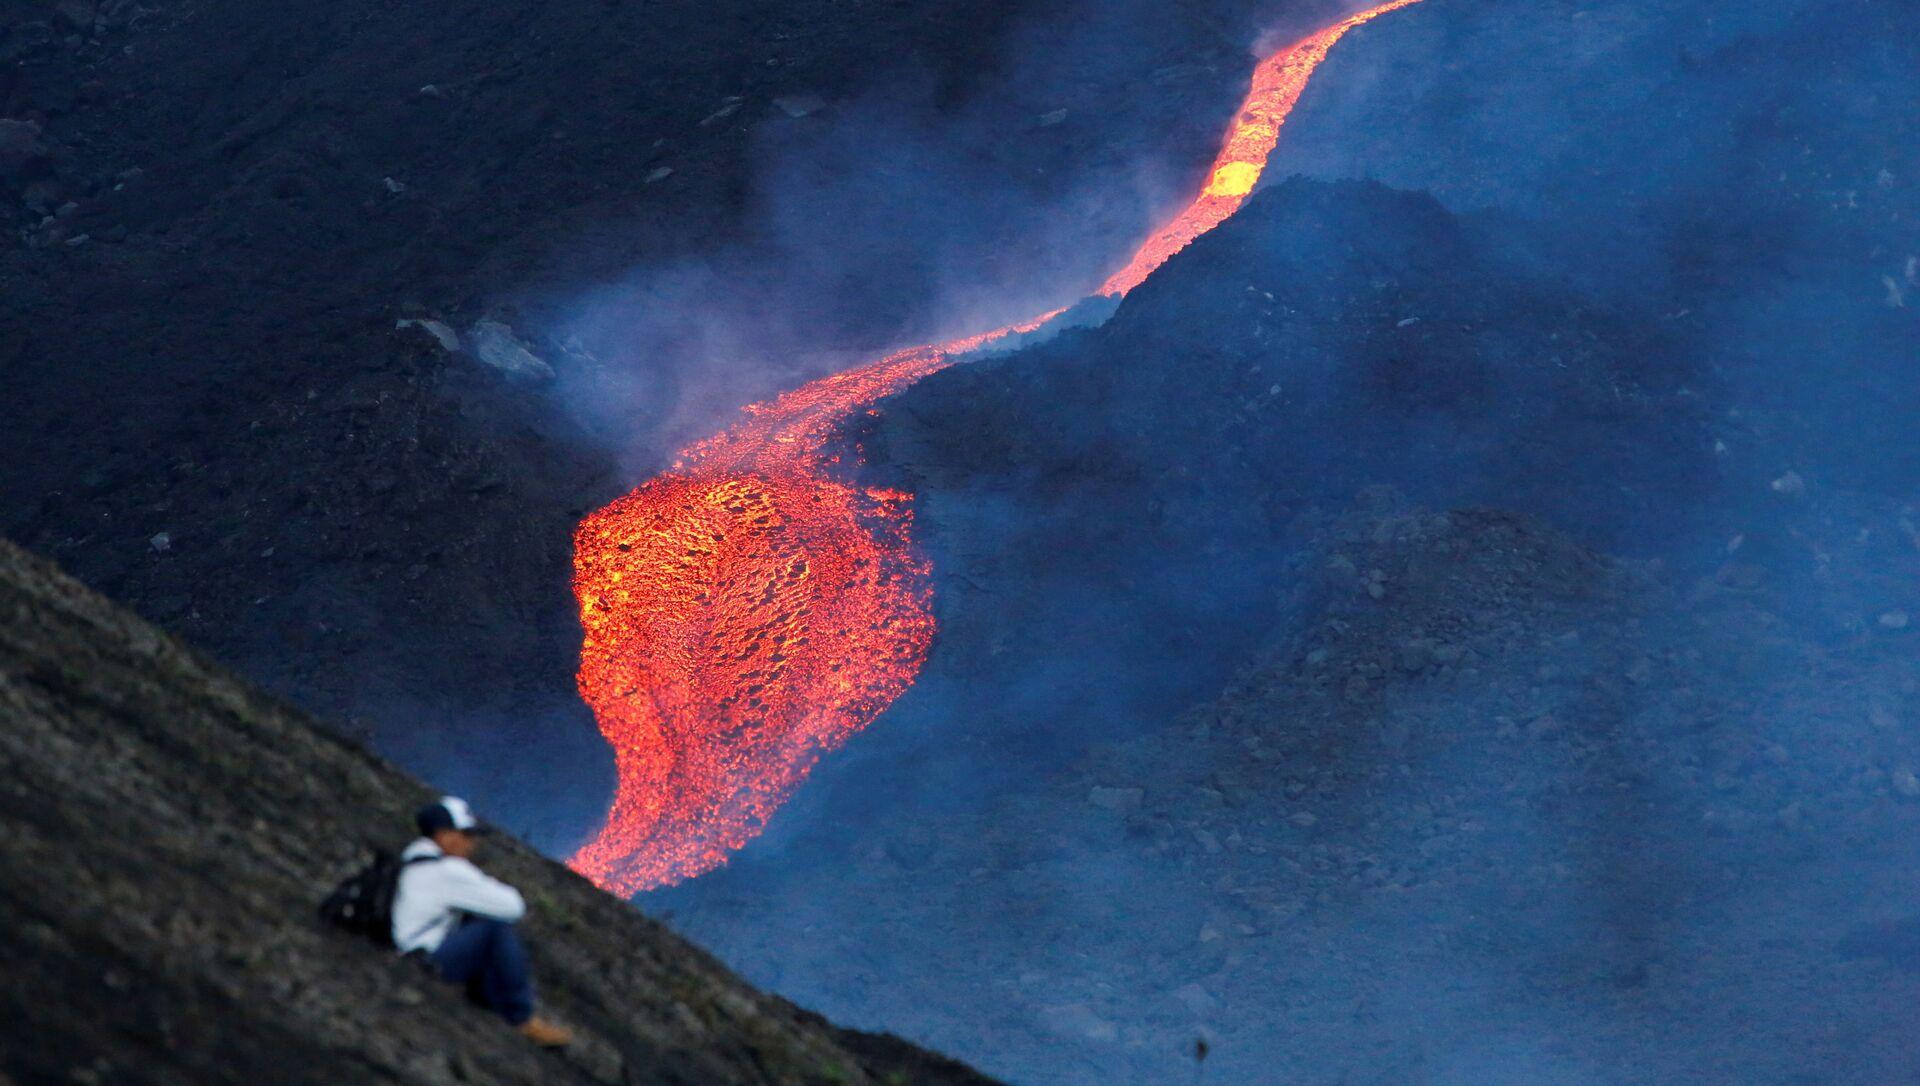 Мужчина наблюдает за течением раскаленной лавы вулкана Пакая в регионе Эскуинтла, Гватемала - Sputnik Азербайджан, 1920, 25.09.2021